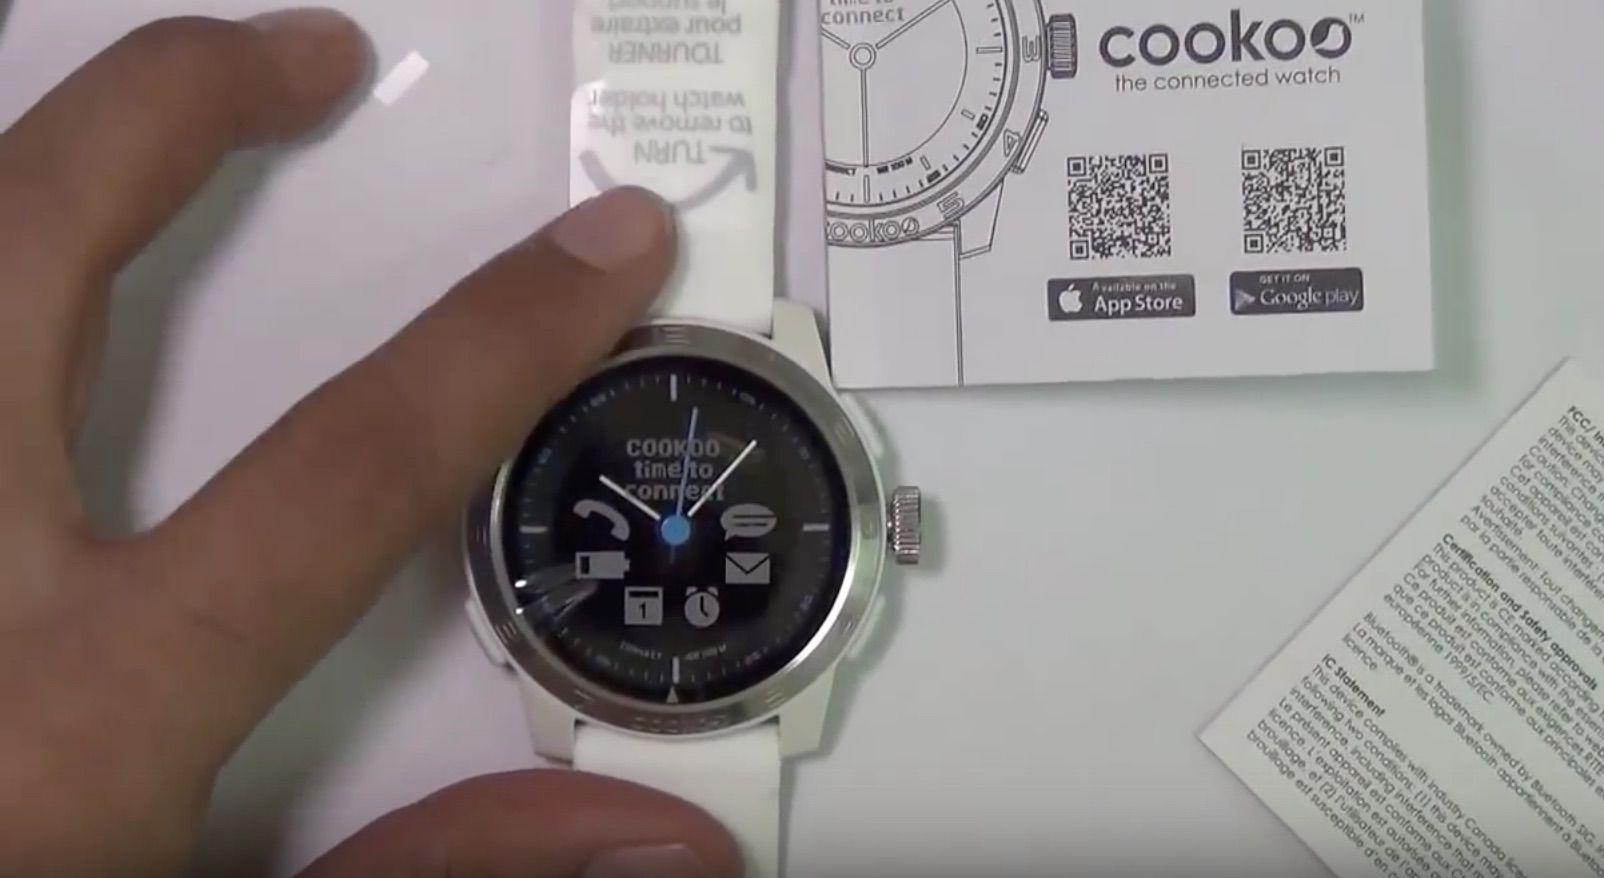 Cookoo Watch 2 -montre connectee-smartwatch